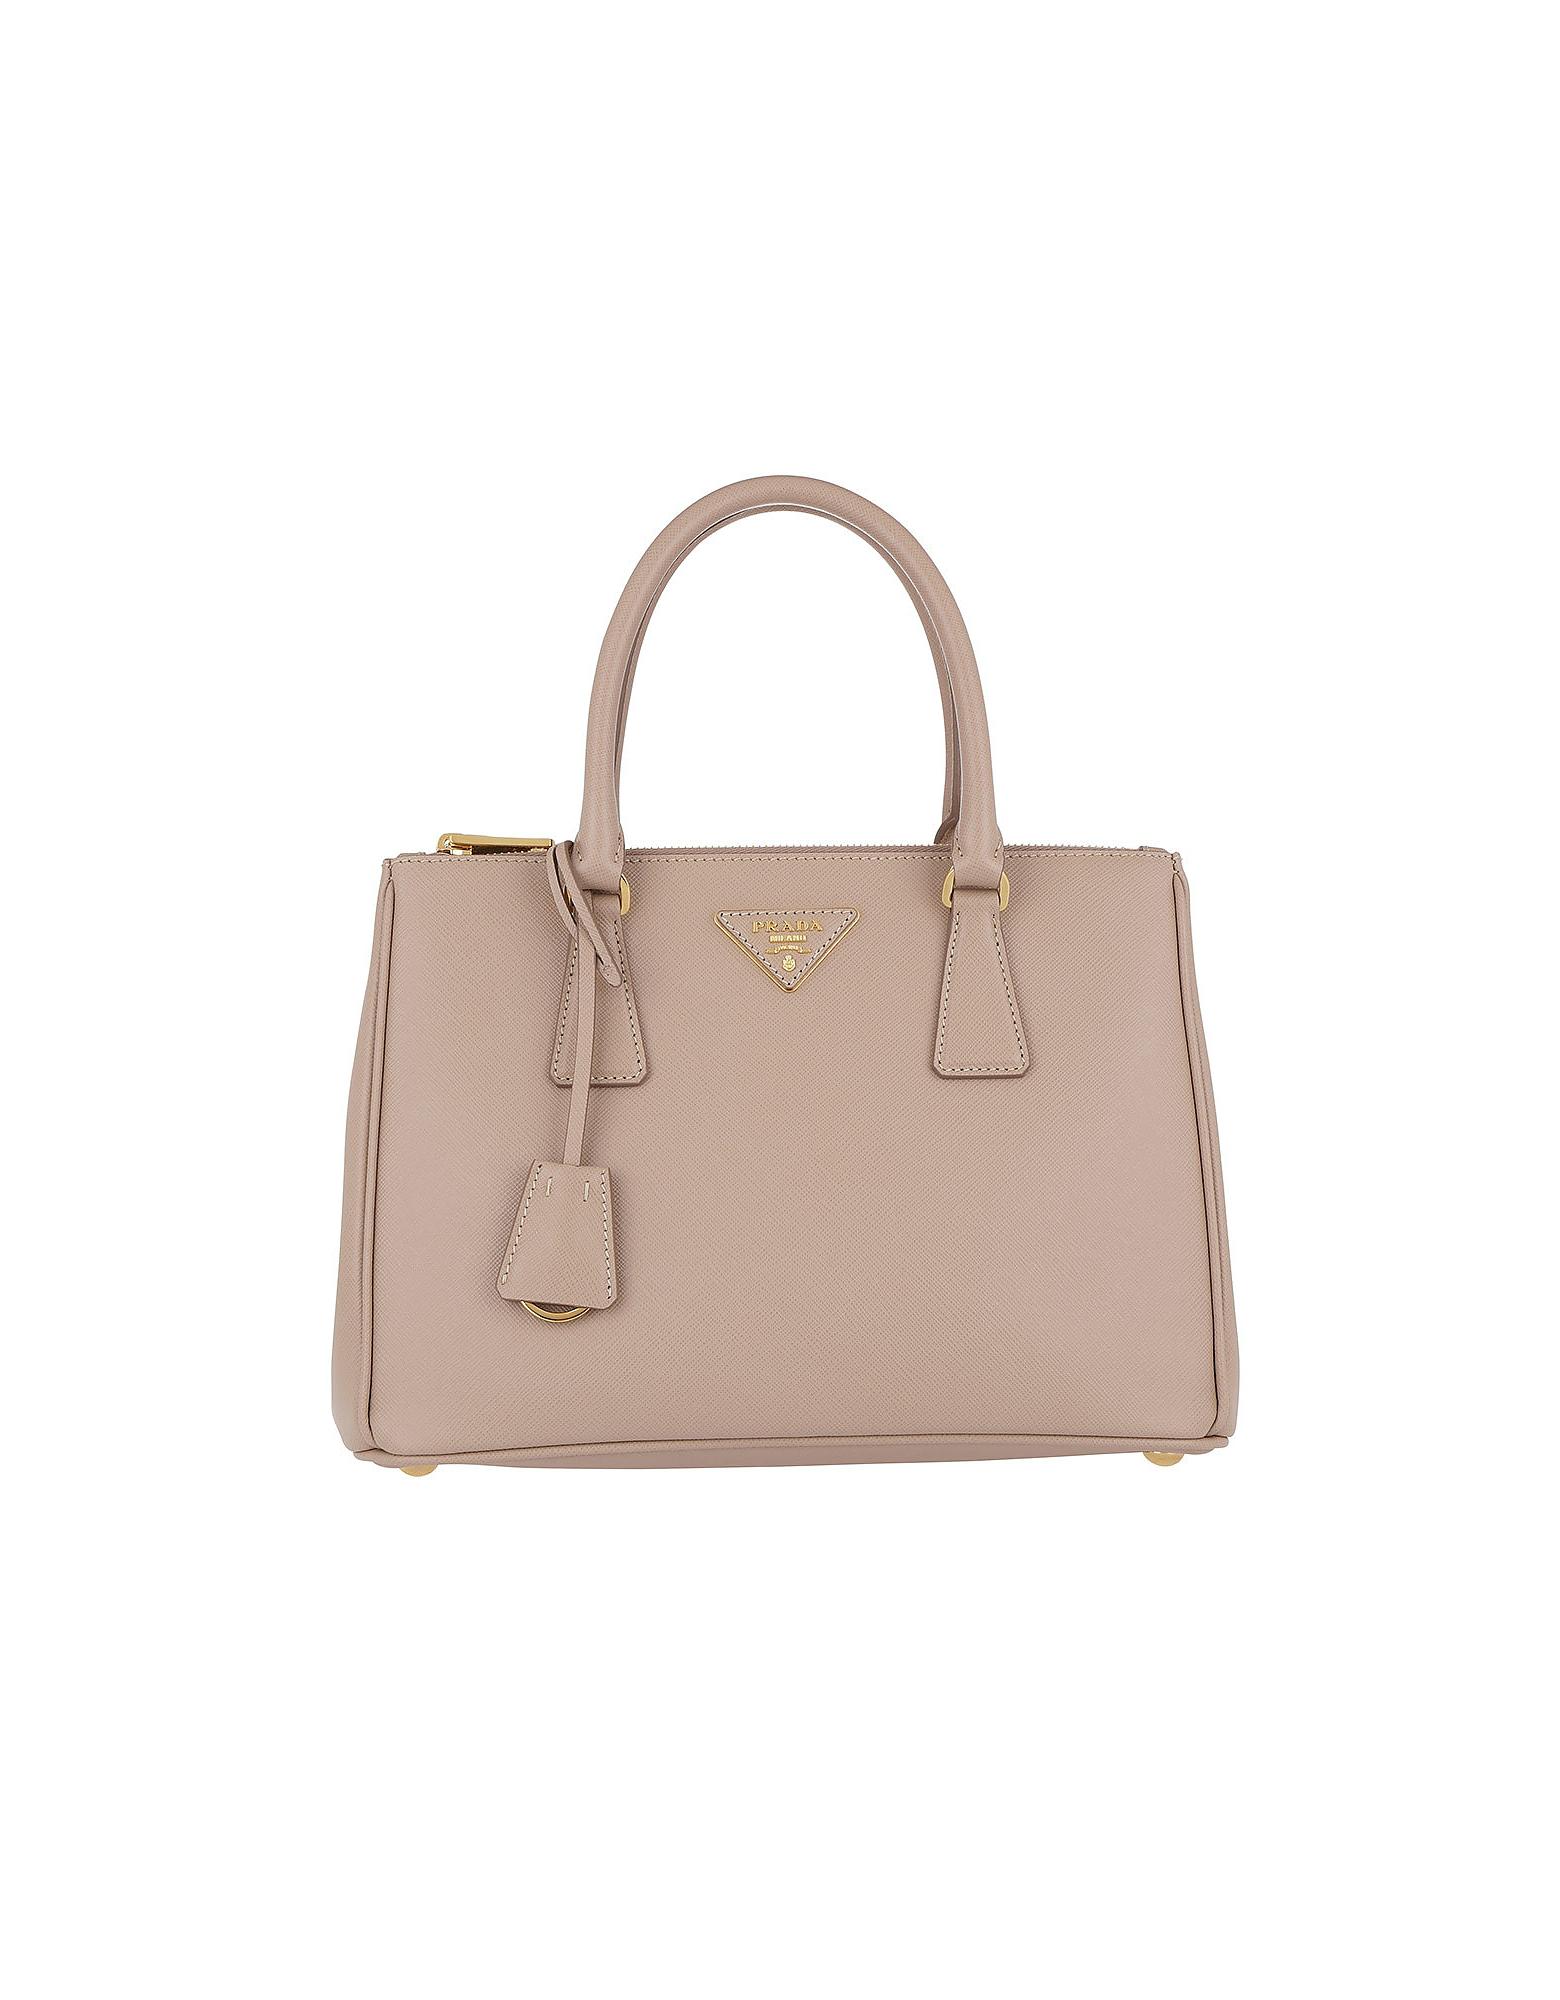 95cb3b47806e Prada Galleria Saffiano Small Leather Tote In Neutrals | ModeSens